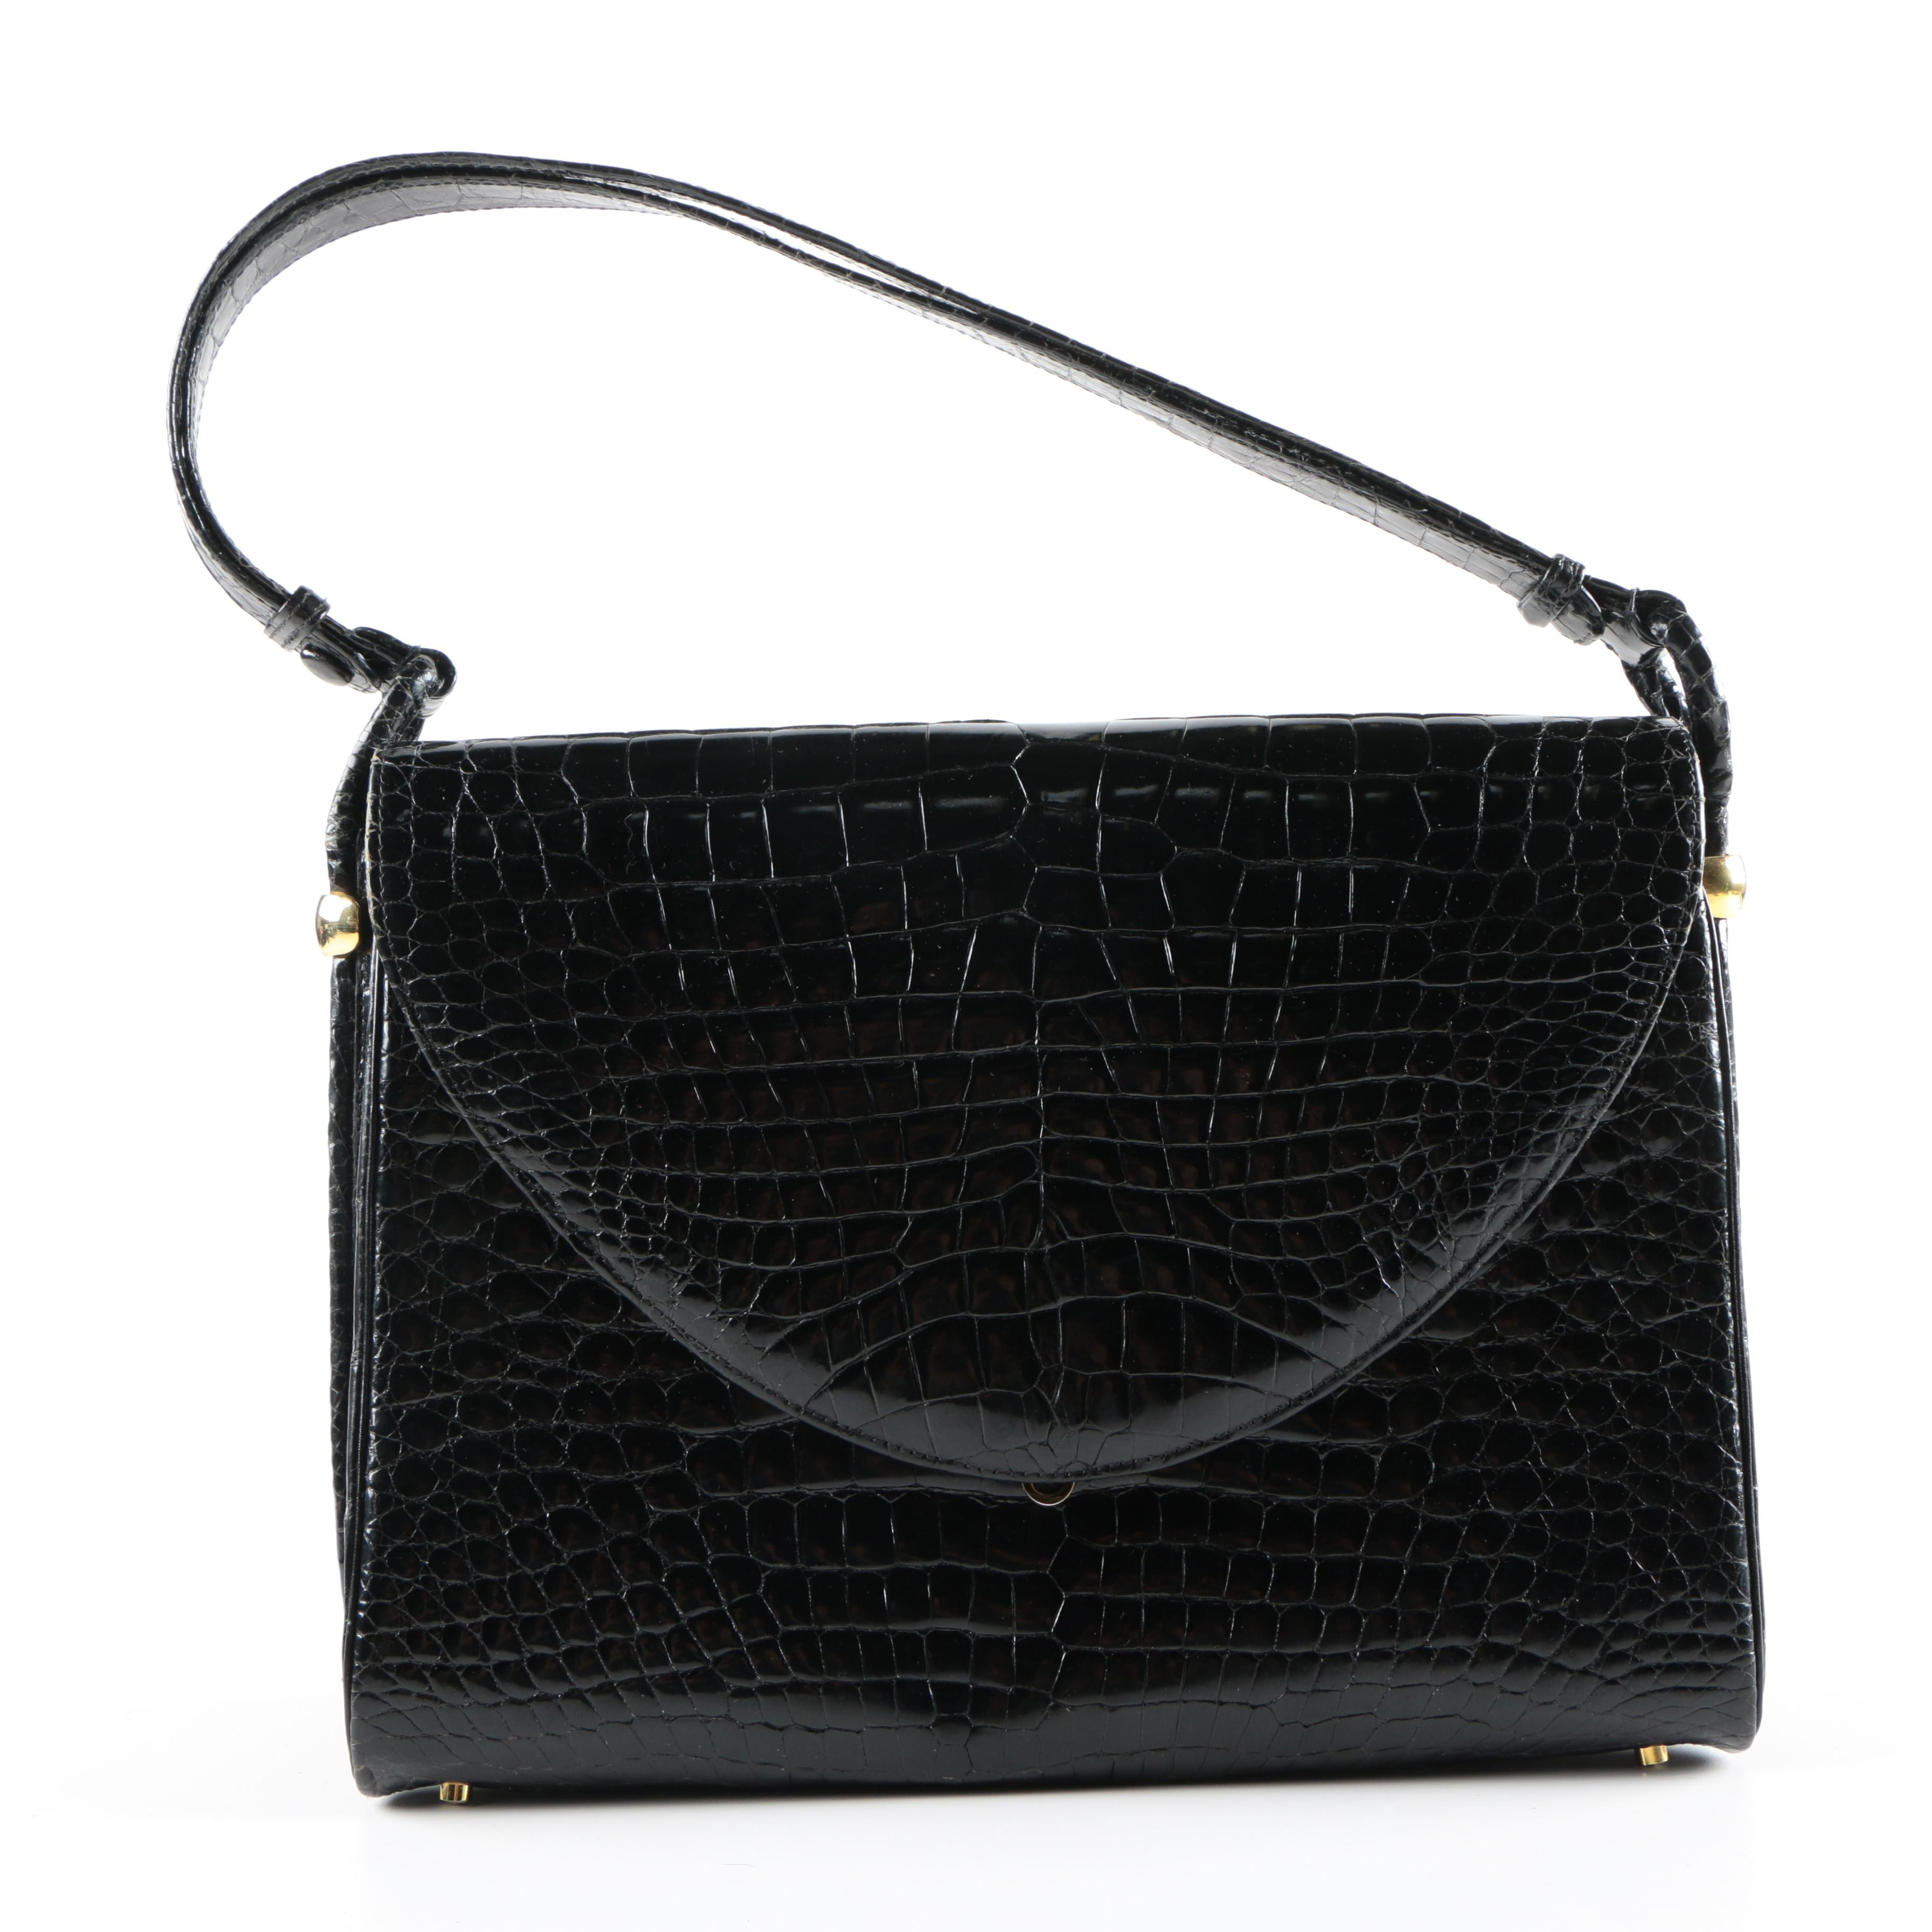 Black Alligator Embossed Italian Leather Handbag